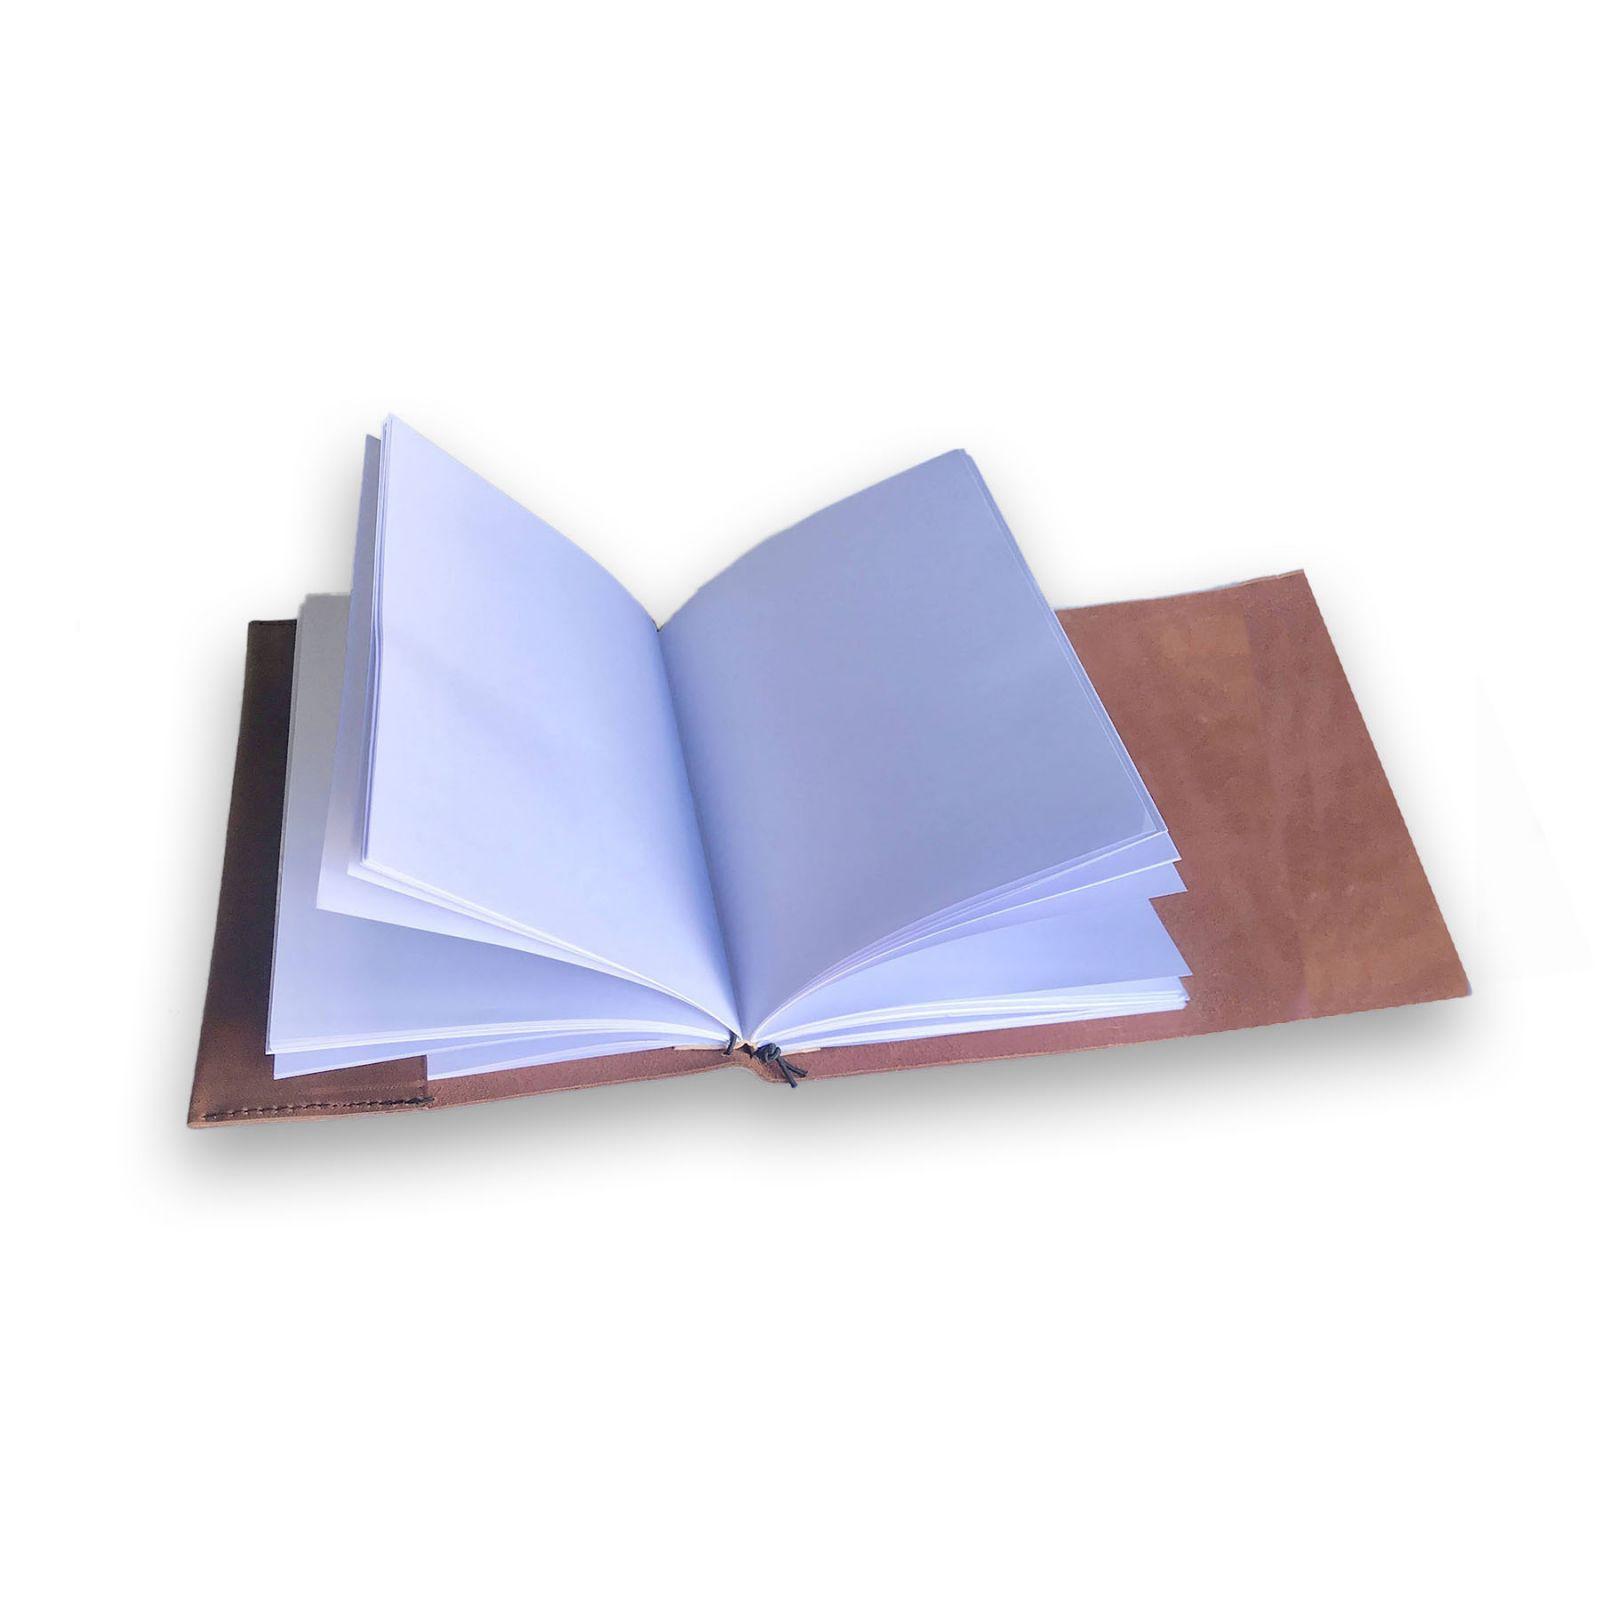 odine uzrasine dienorastis sketchbook gimtadienio dovanos vyrams sukaktuviu dovanu idejos vyrui dizaineriui programuotojui menininkui muzikantui darbo knyga 414